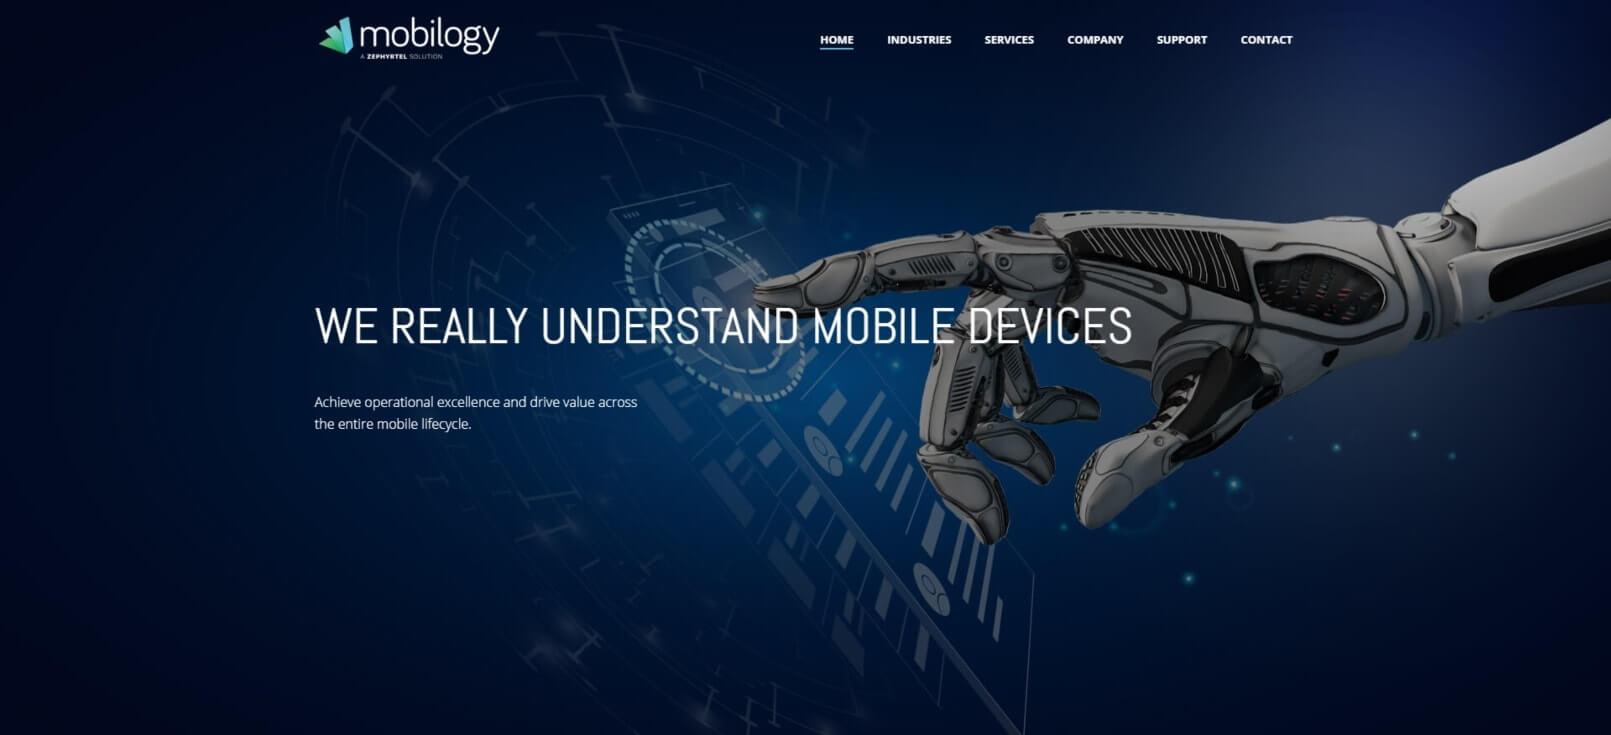 בניית אתרים לחברת: mobilogy.